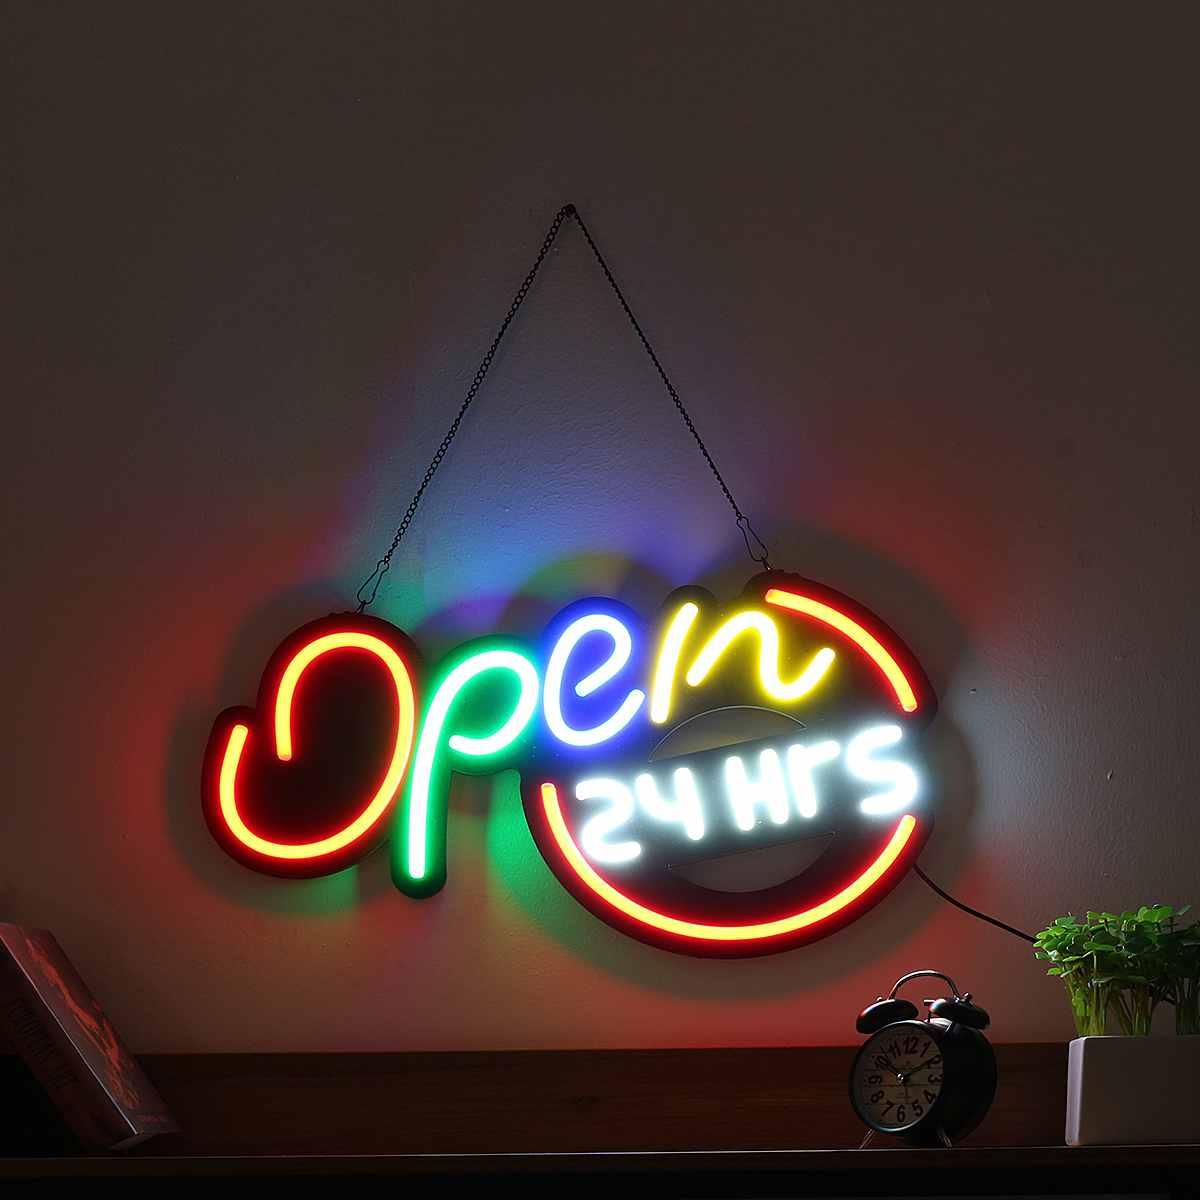 LED ouvert néon signe lumière Tube à la main illustration visuelle Bar Club décoration murale éclairage Commercial artisanat néon ampoules 60*34*3cm